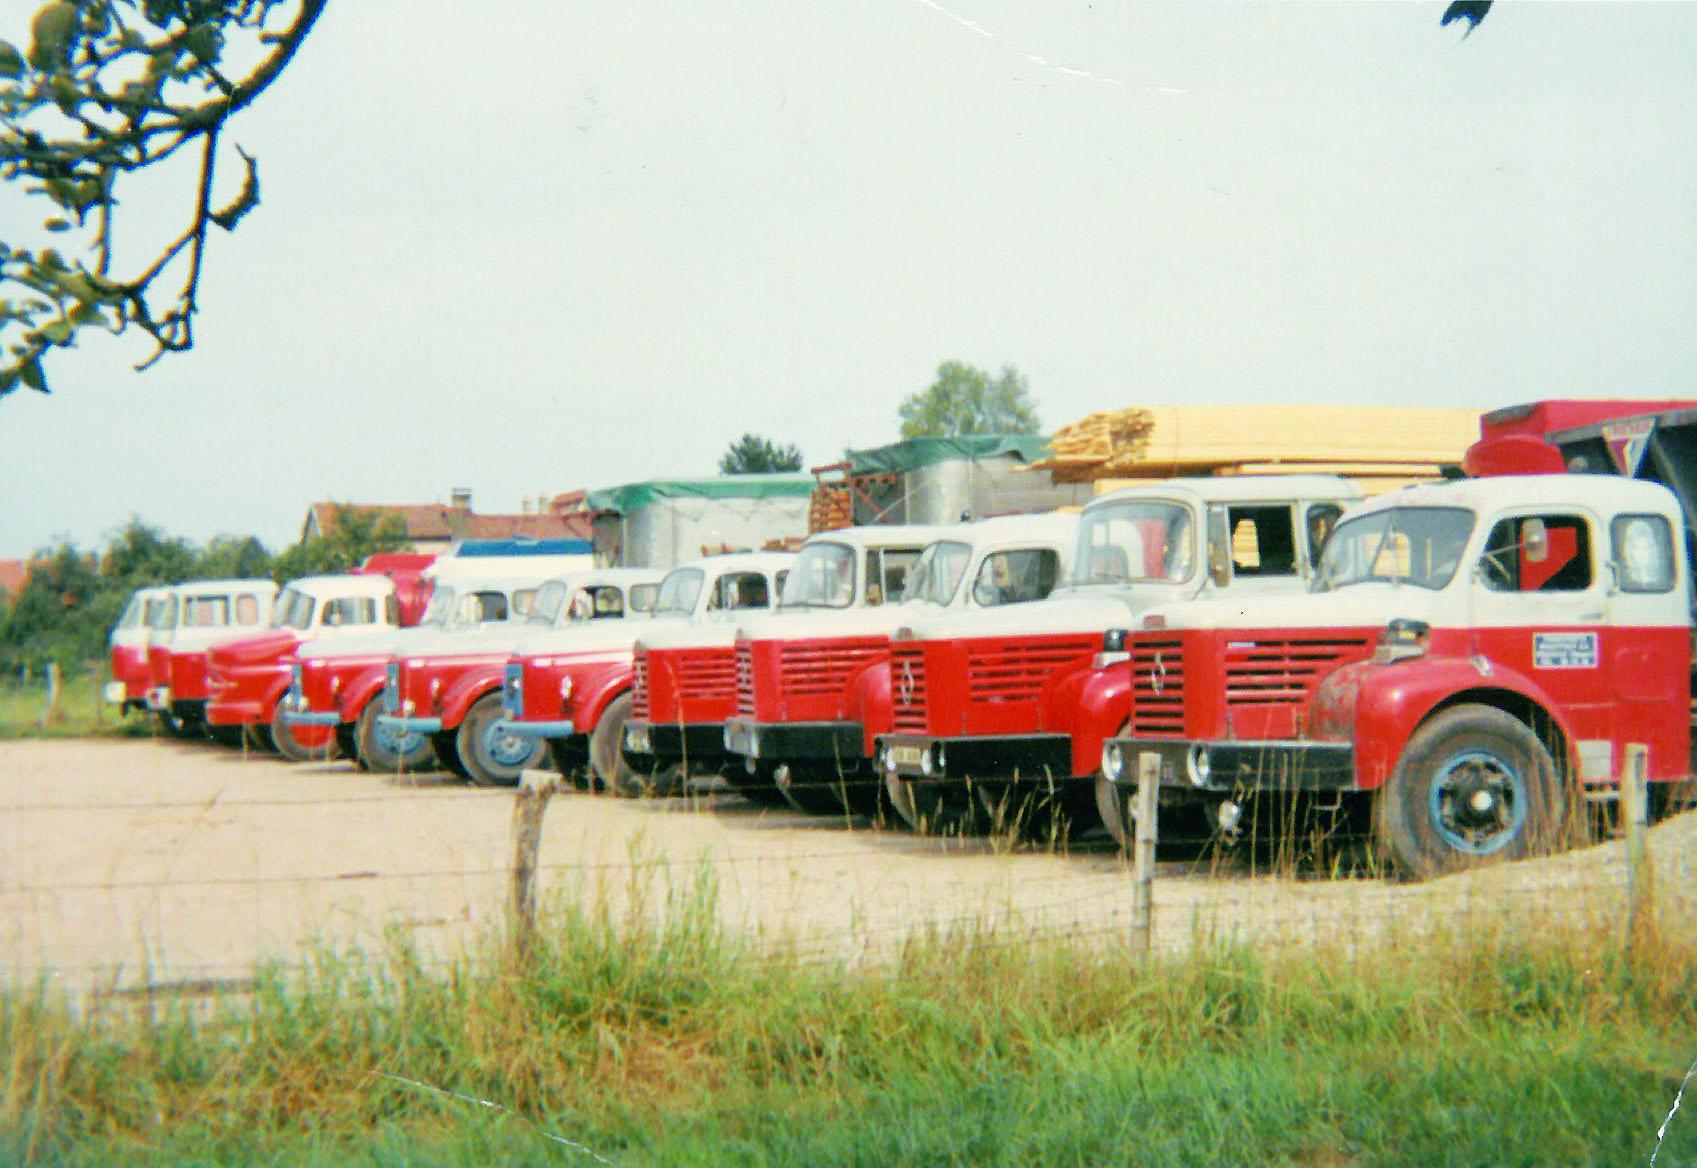 Groupe-Mauffrey-notre-histoire-berliet-tlm-10-m2-annees50et60